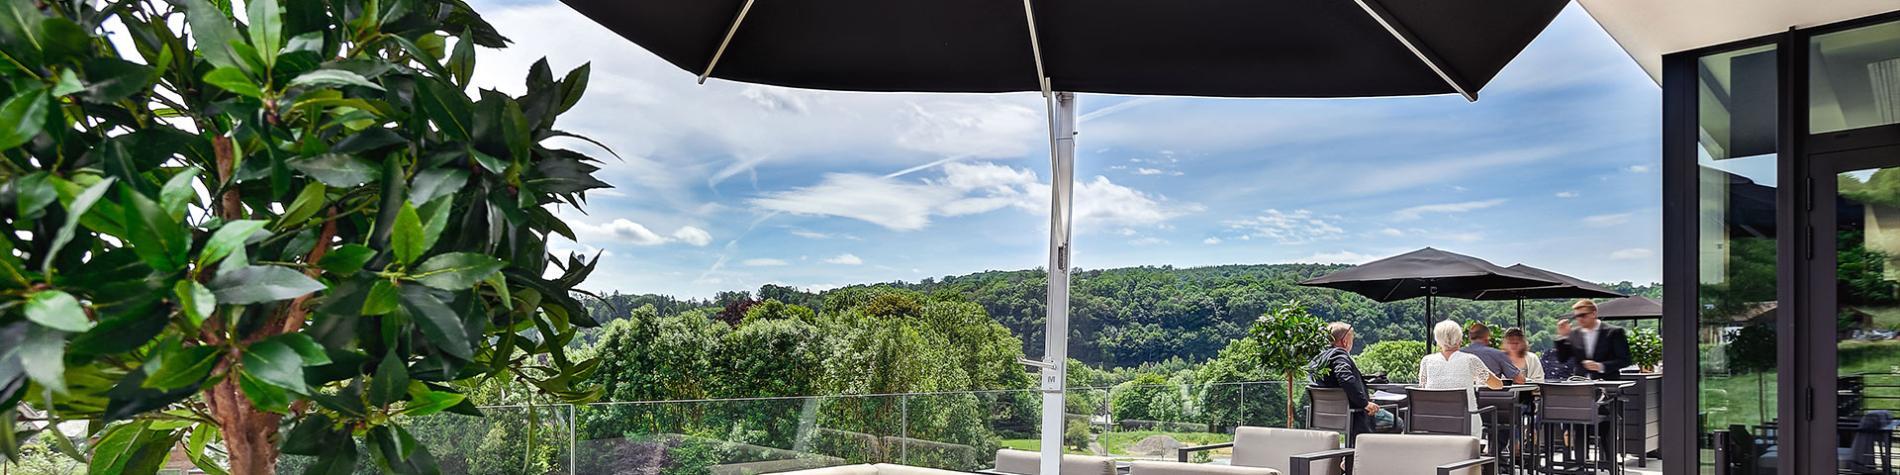 terrasse avec canapés et vue sur la forêt. Lieu idéal pour vos événements d'affaires en Wallonie